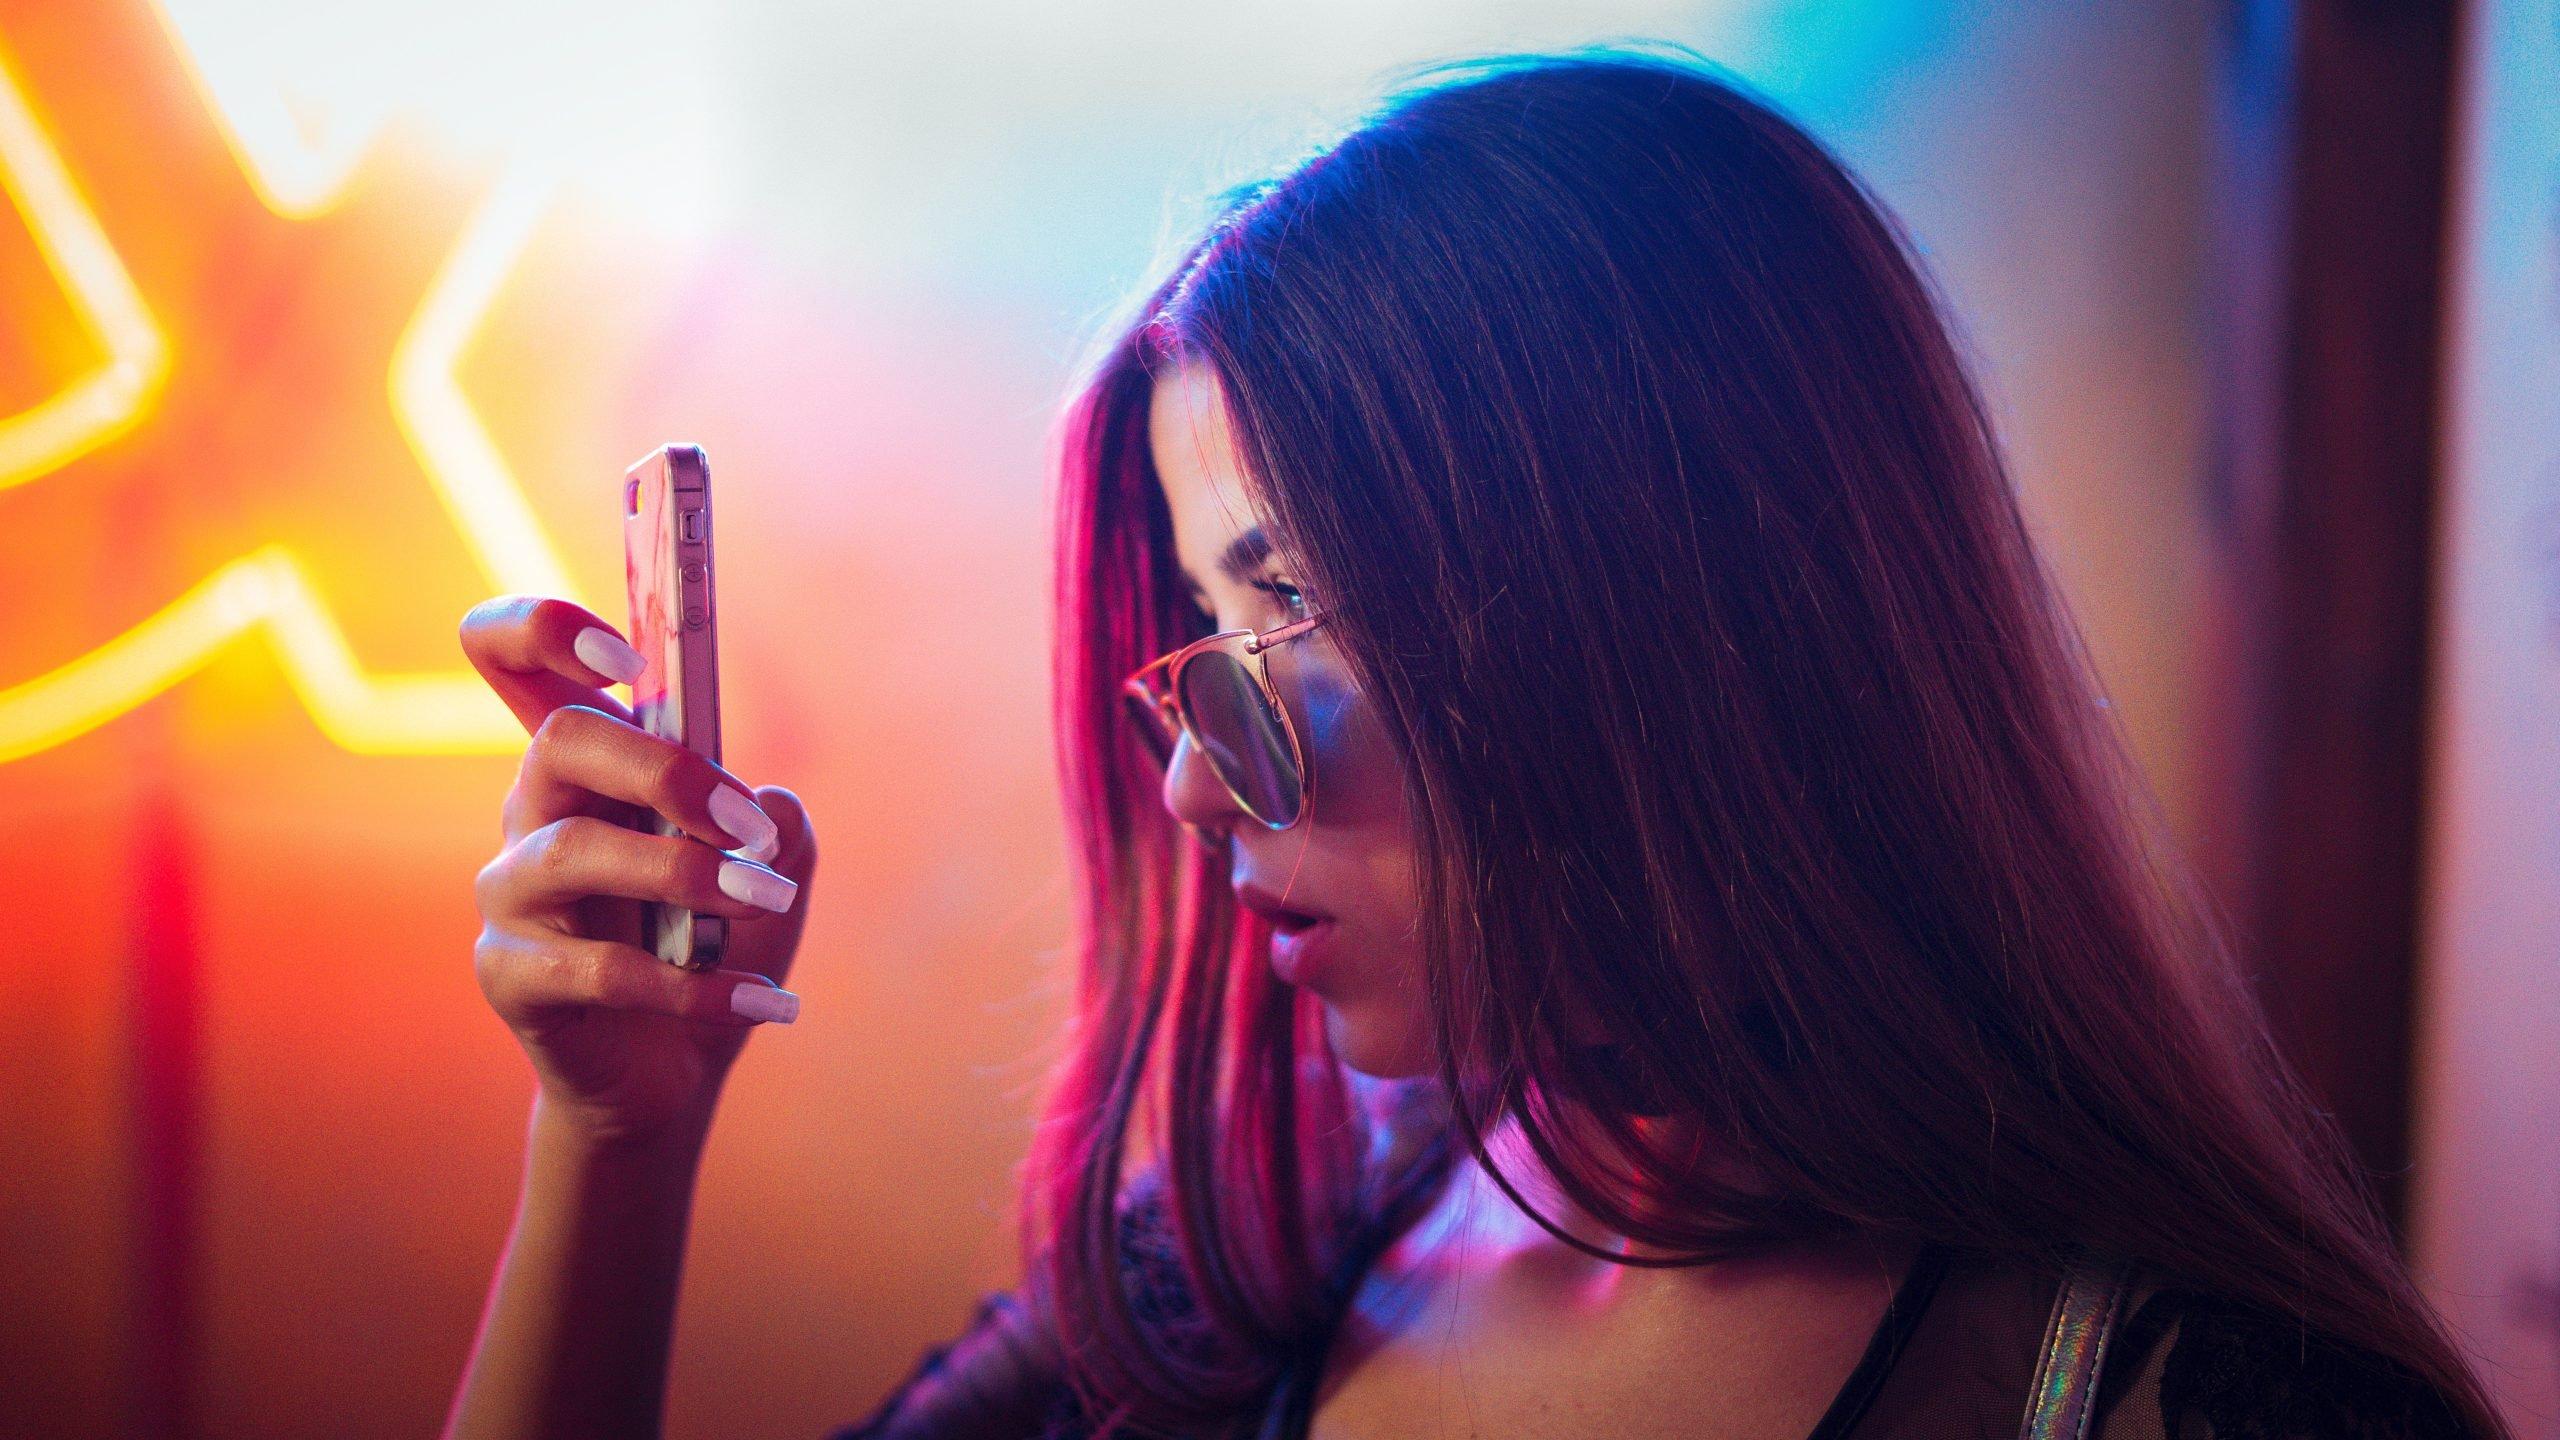 Oczekiwania wobec smartfona. Czym się kierować?